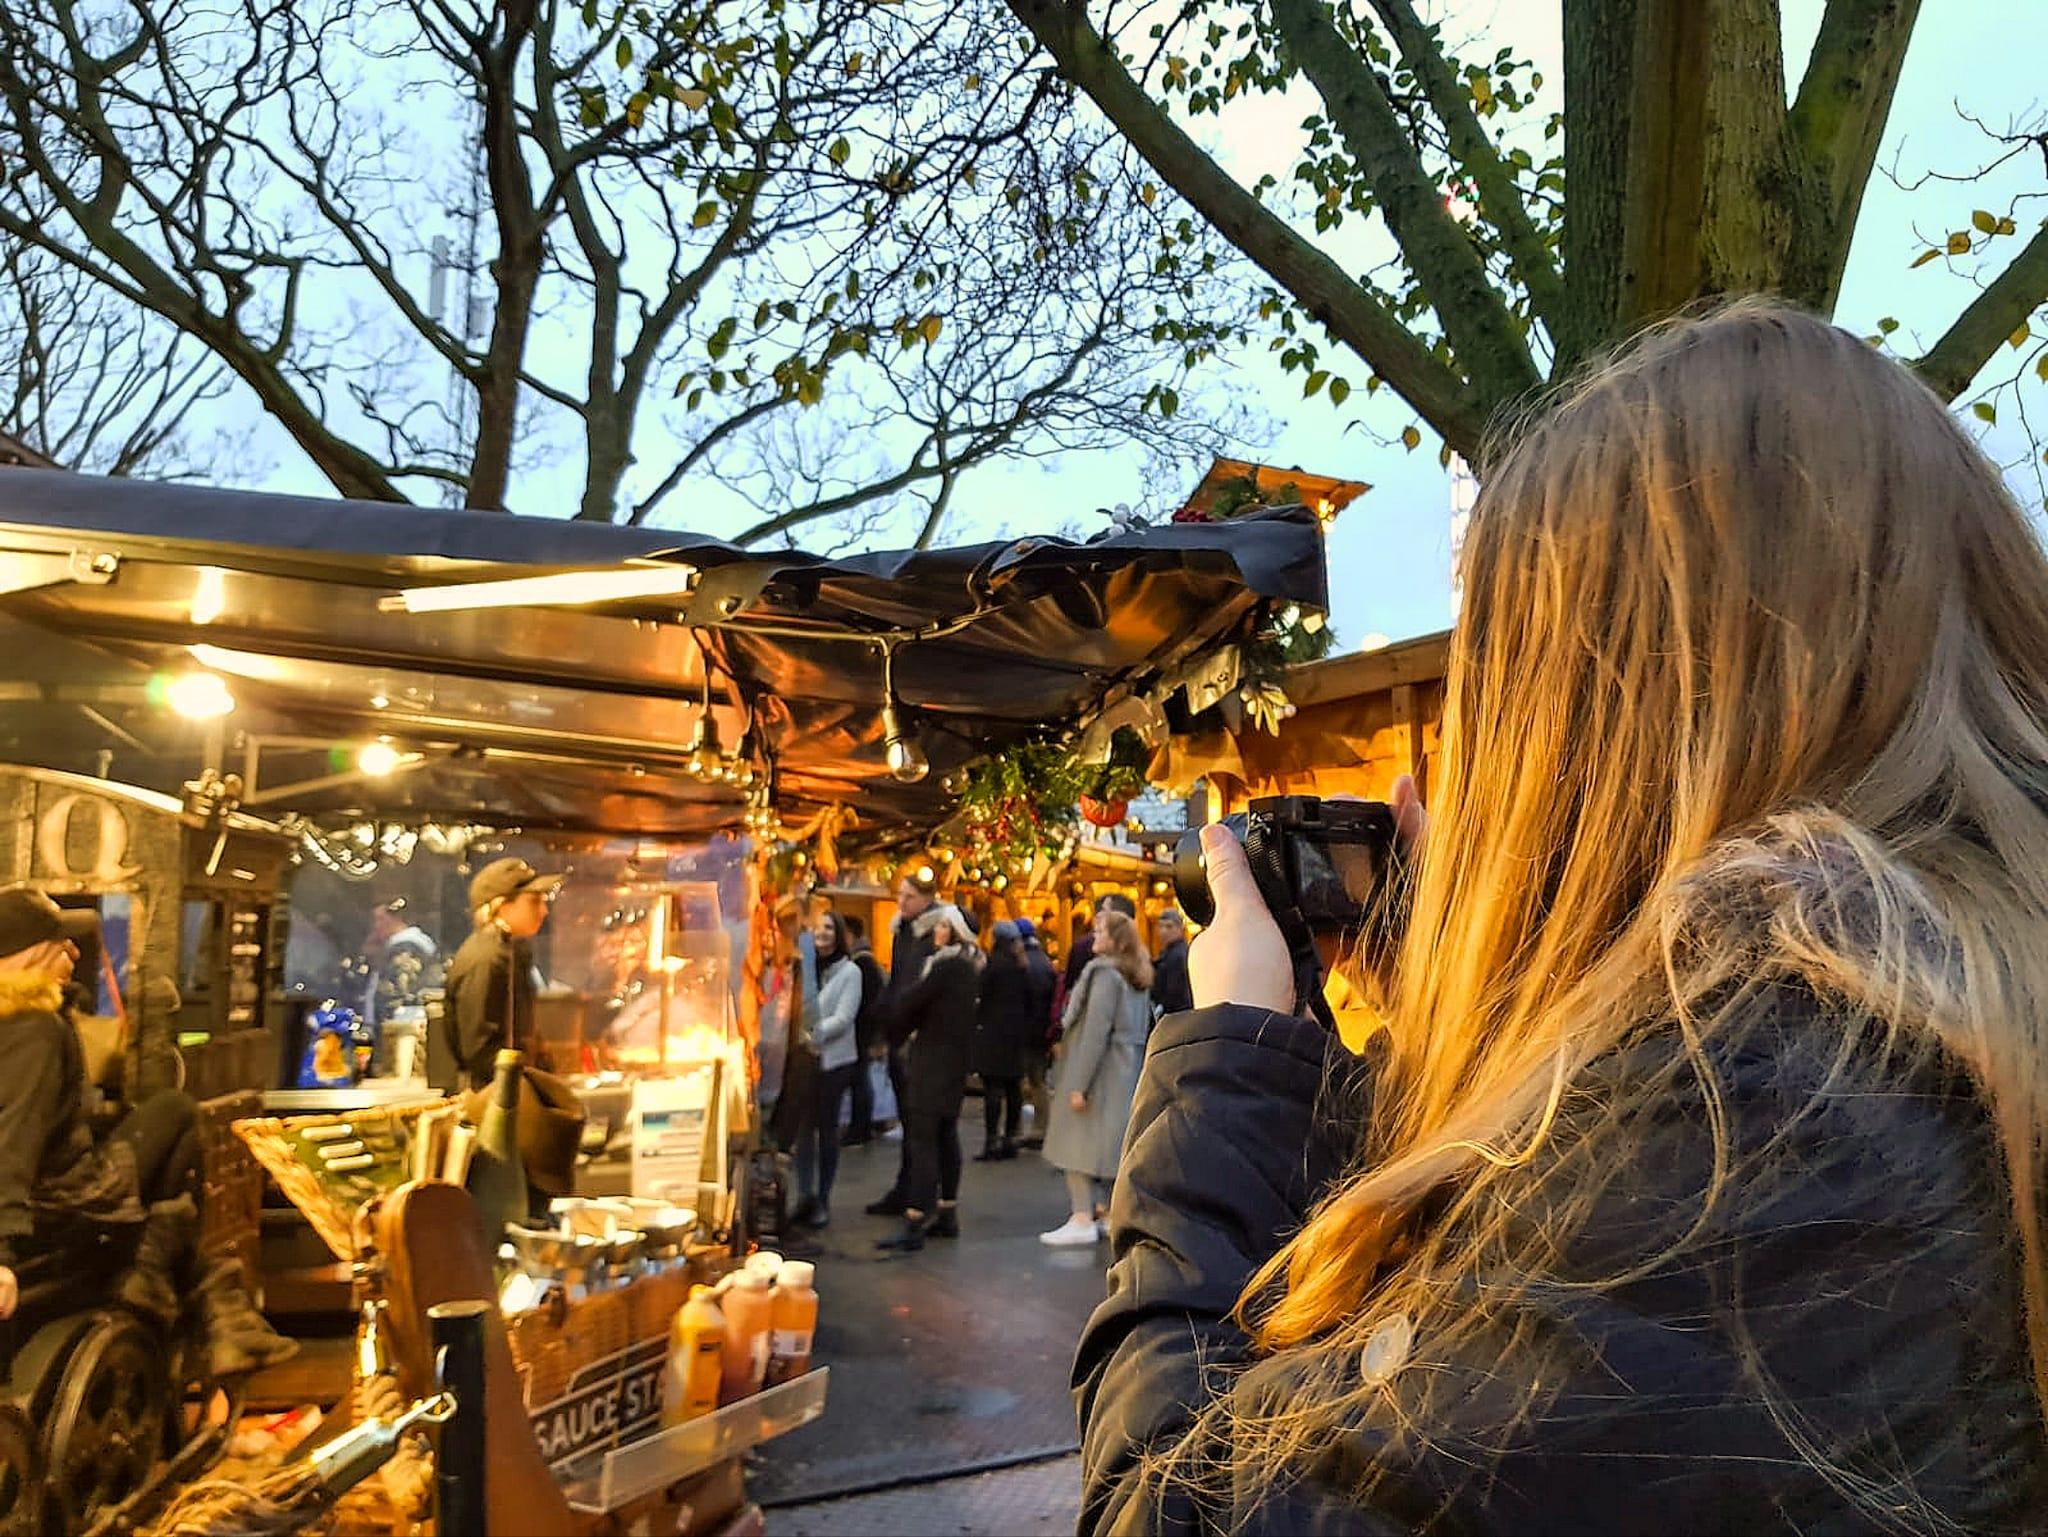 Joanne in Londen | Tips om te beginnen met fotograferen